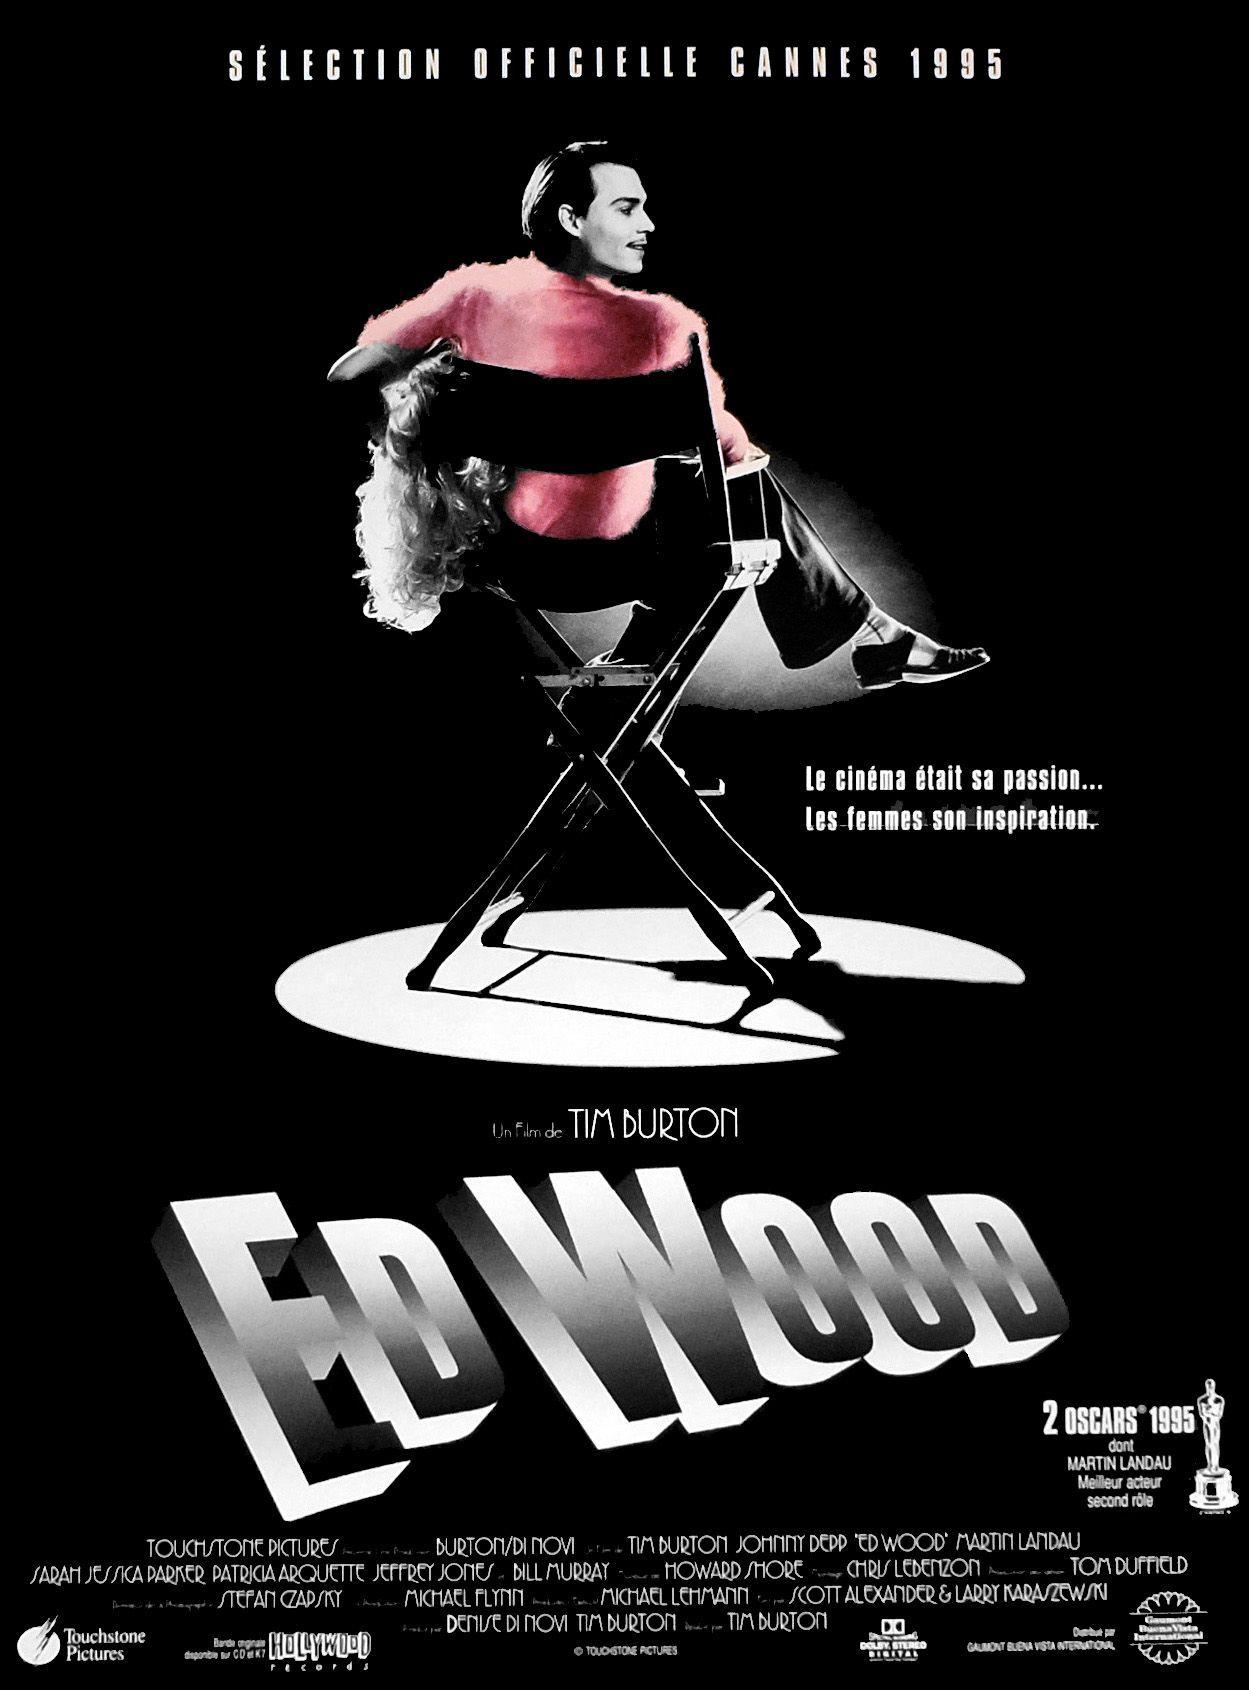 AFFICHE ED WOOD